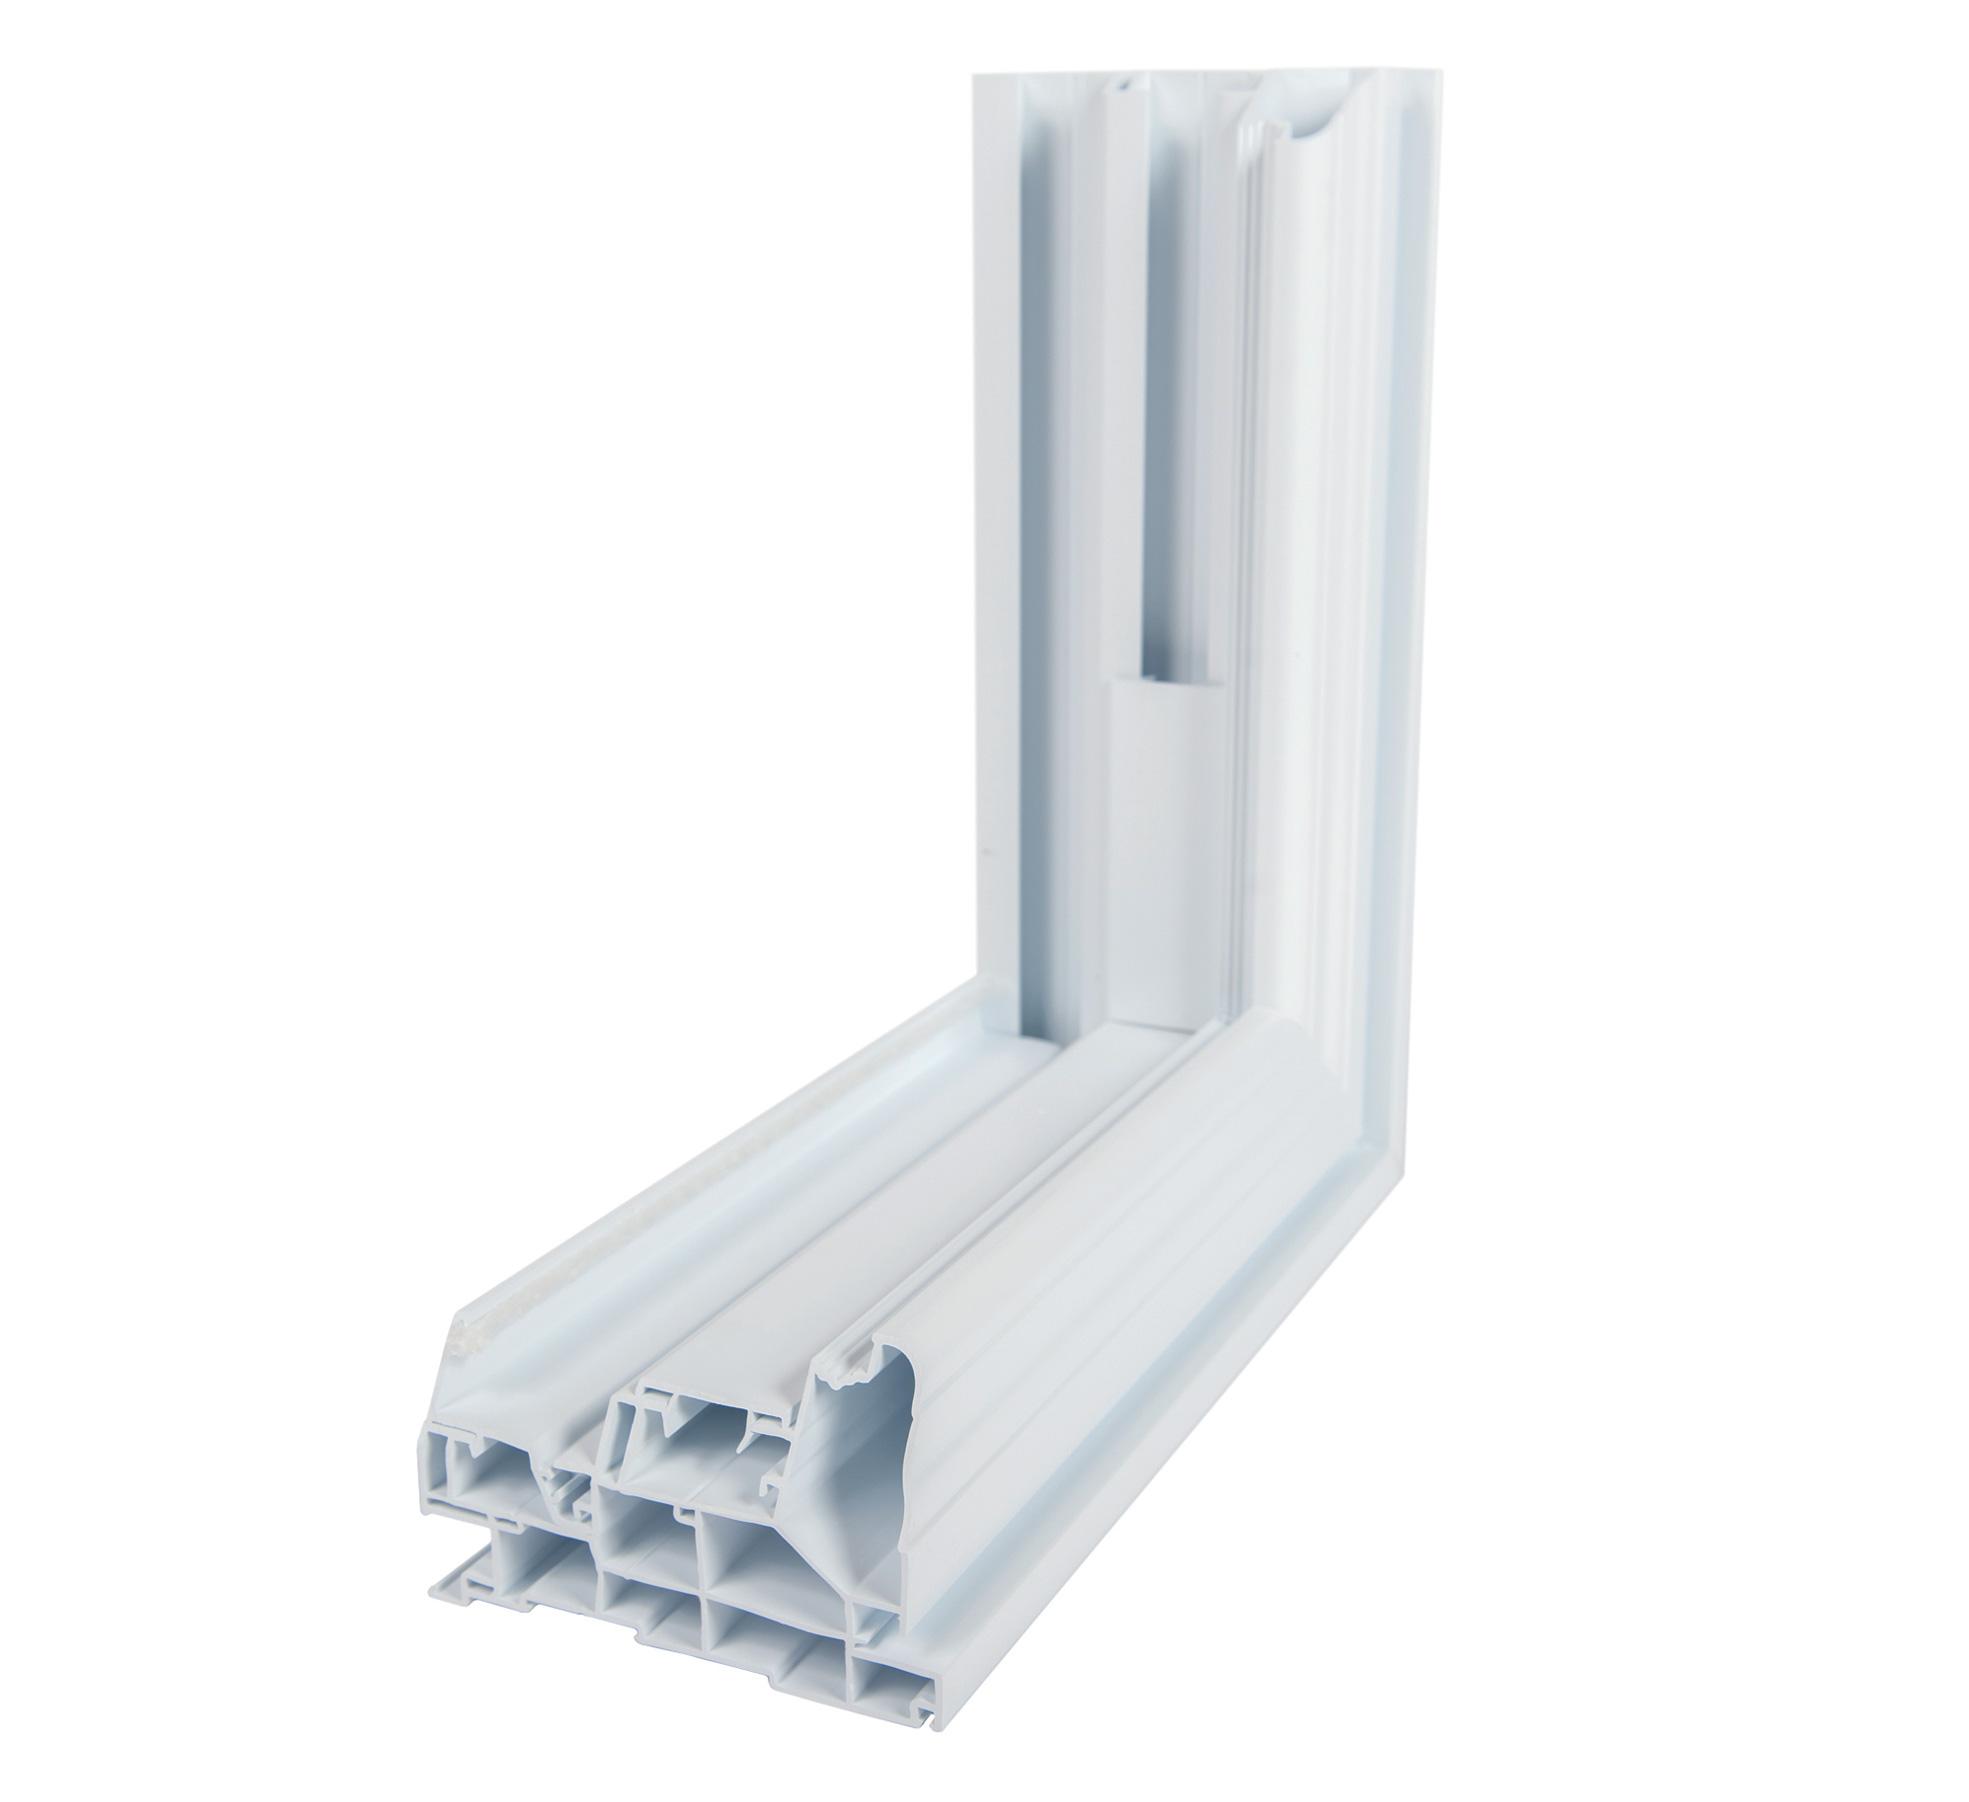 Fenetre Guillotine En Pvc A Volet Simple Ou Double Fenetres Concept Manufacturier De Portes Et Fenetres